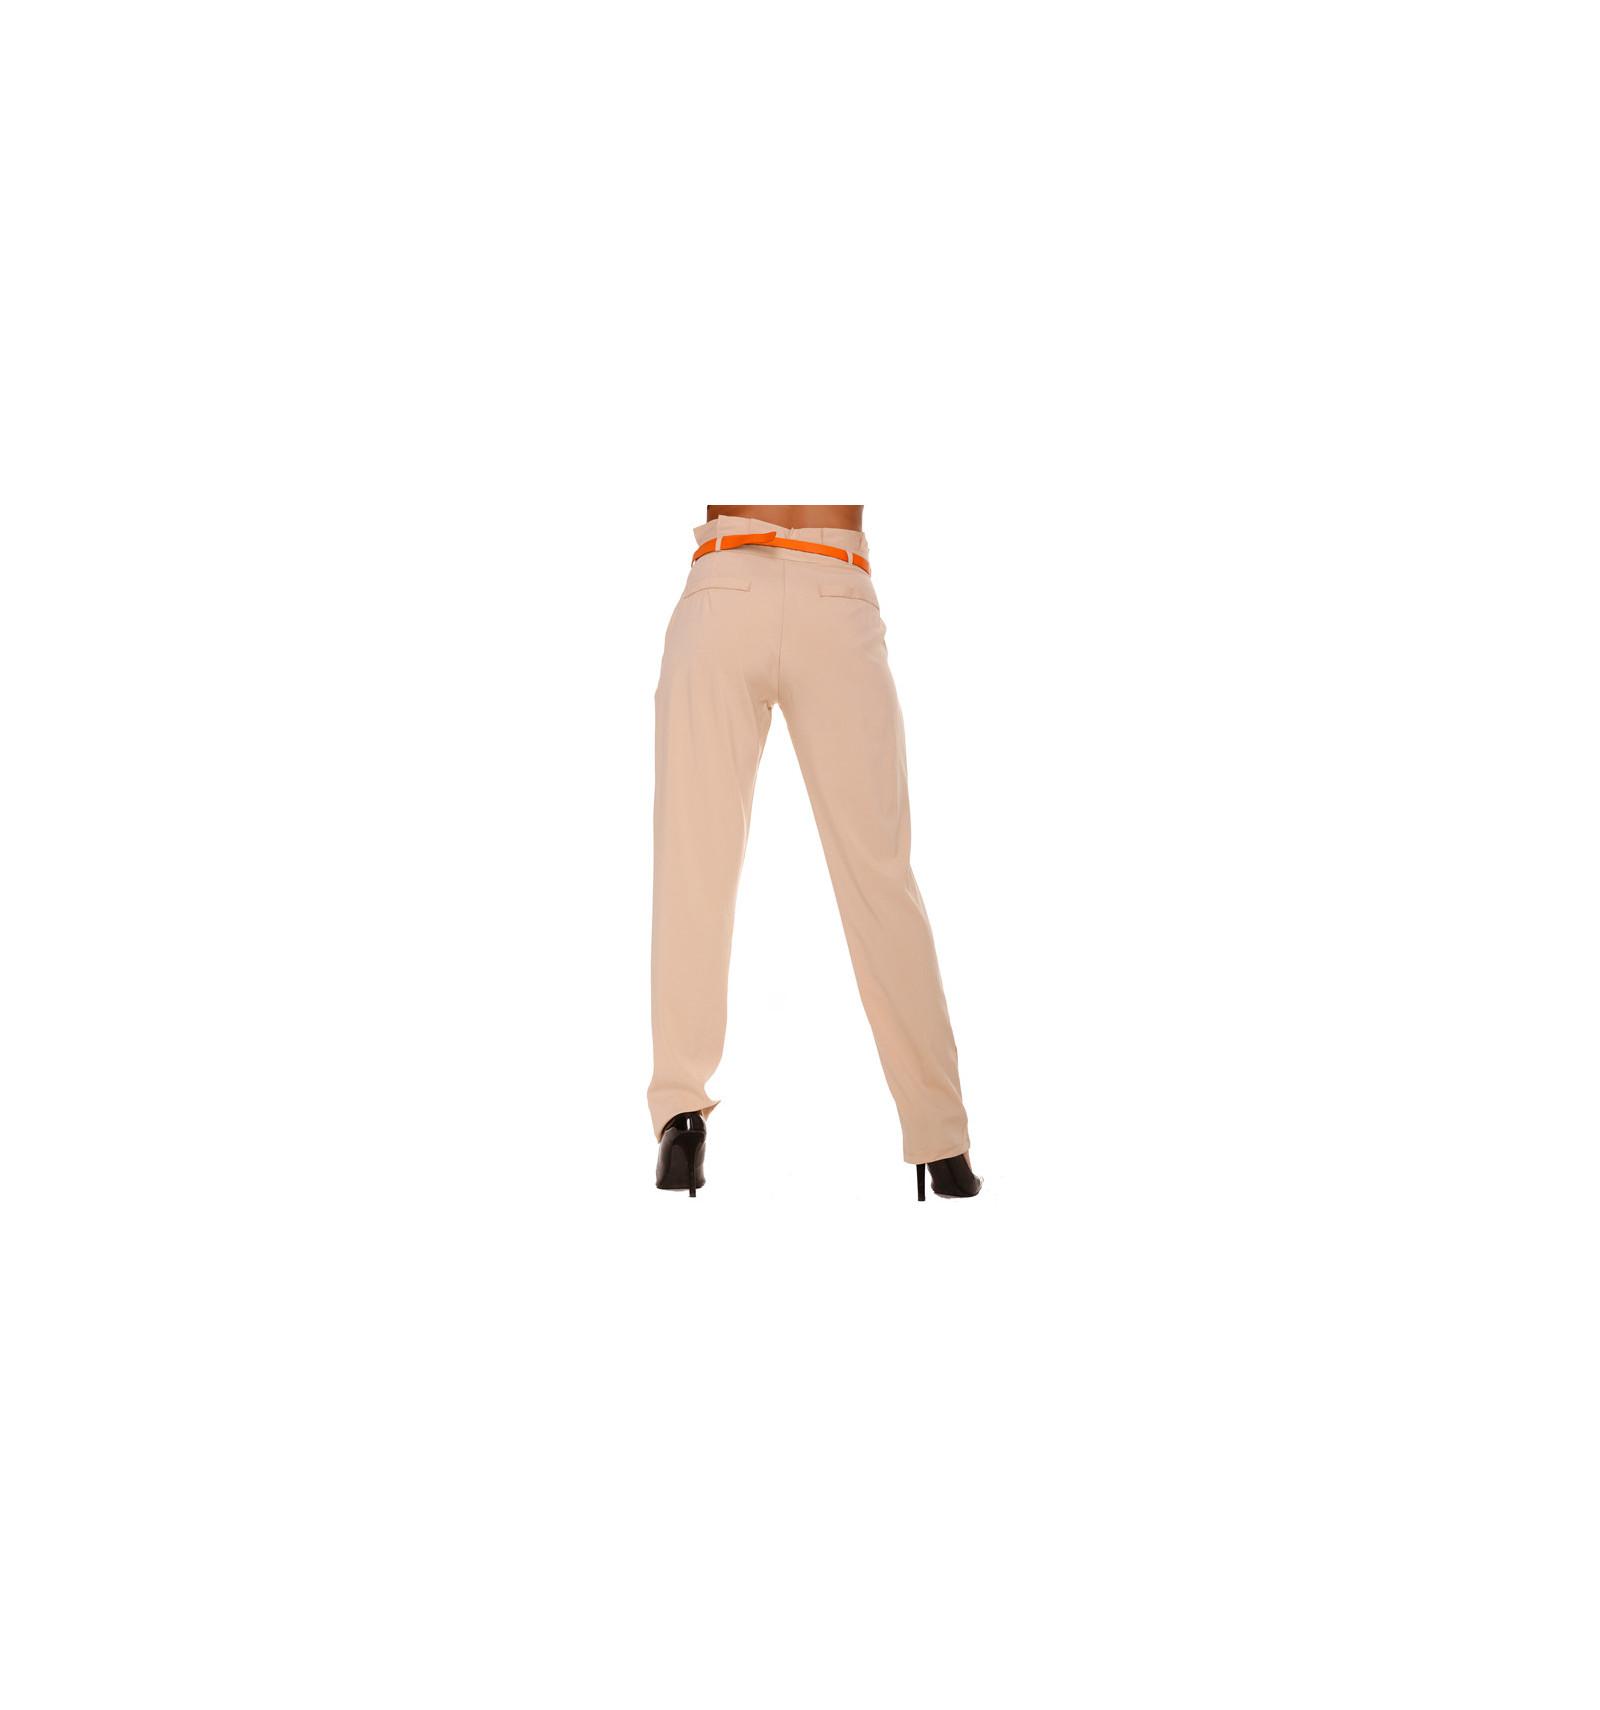 Pantalon Beige Fluide coupe Carotte. Taille Haute. Pantalon Femme. BS20208